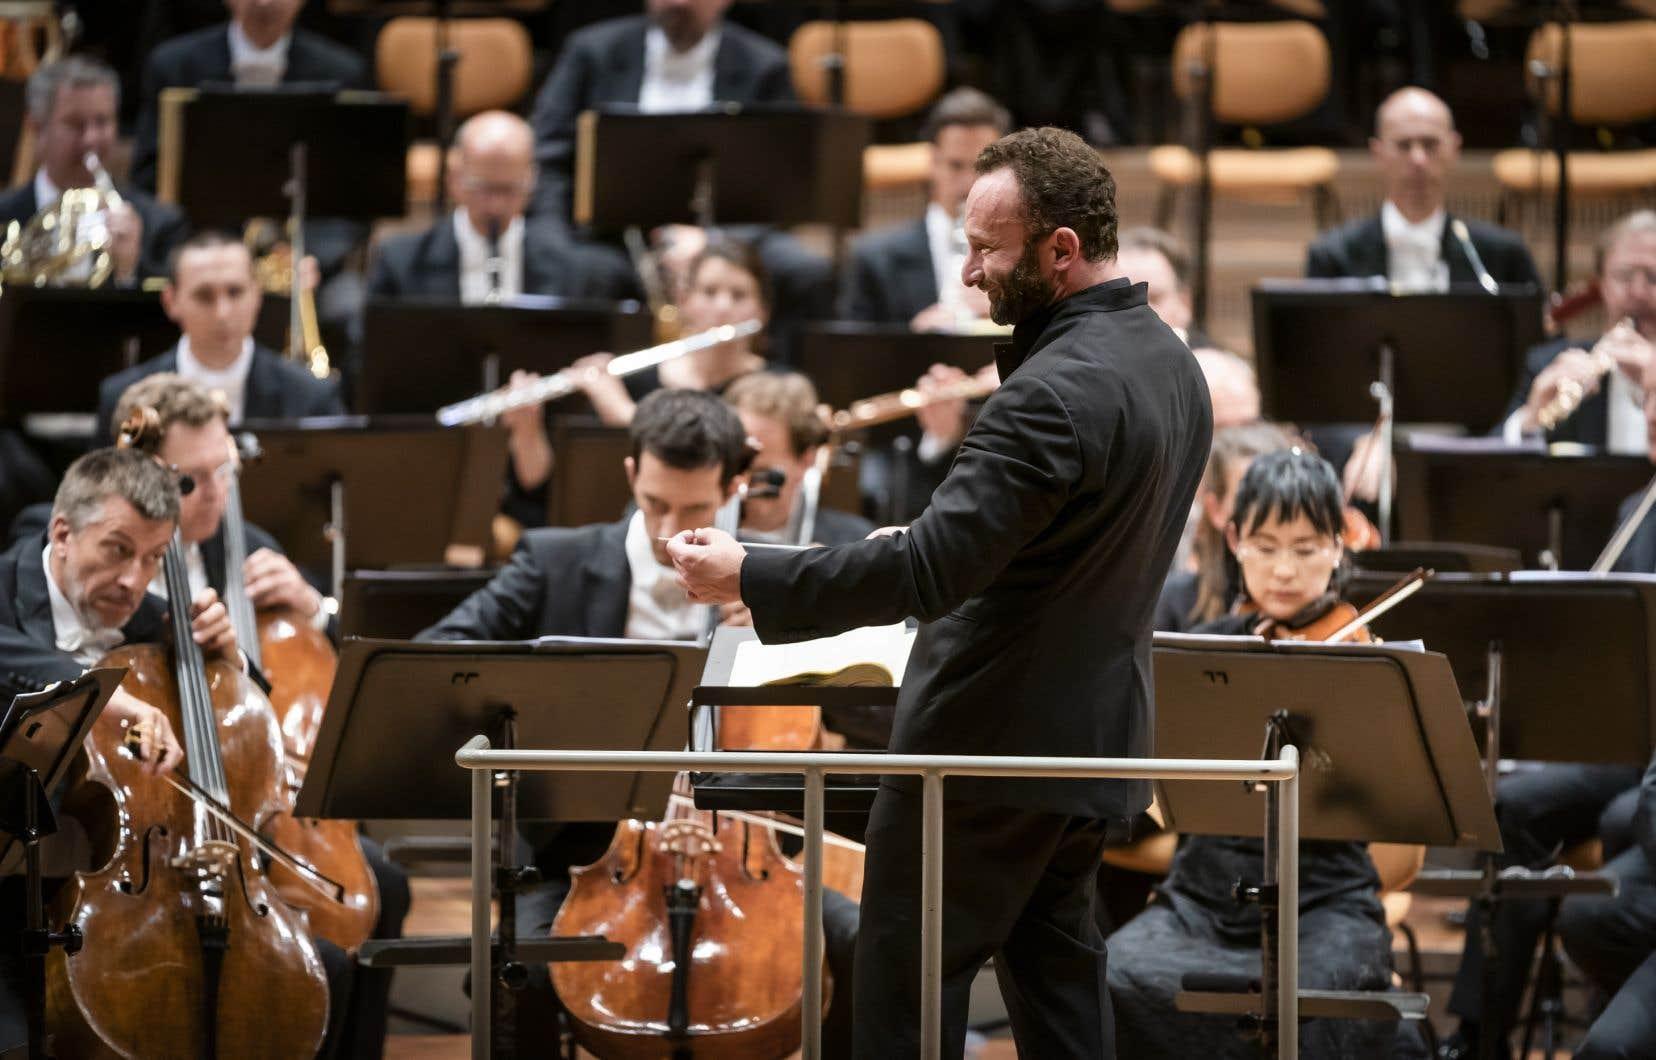 Dans le dédale des concerts, nous vous proposons cette fin de semaine d'enquêter sur les raisons pour lesquelles le Philharmonique a choisi en 2015 un chef peu connu et peu médiatique, Kirill Petrenko, pour succéder à Simon Rattle.